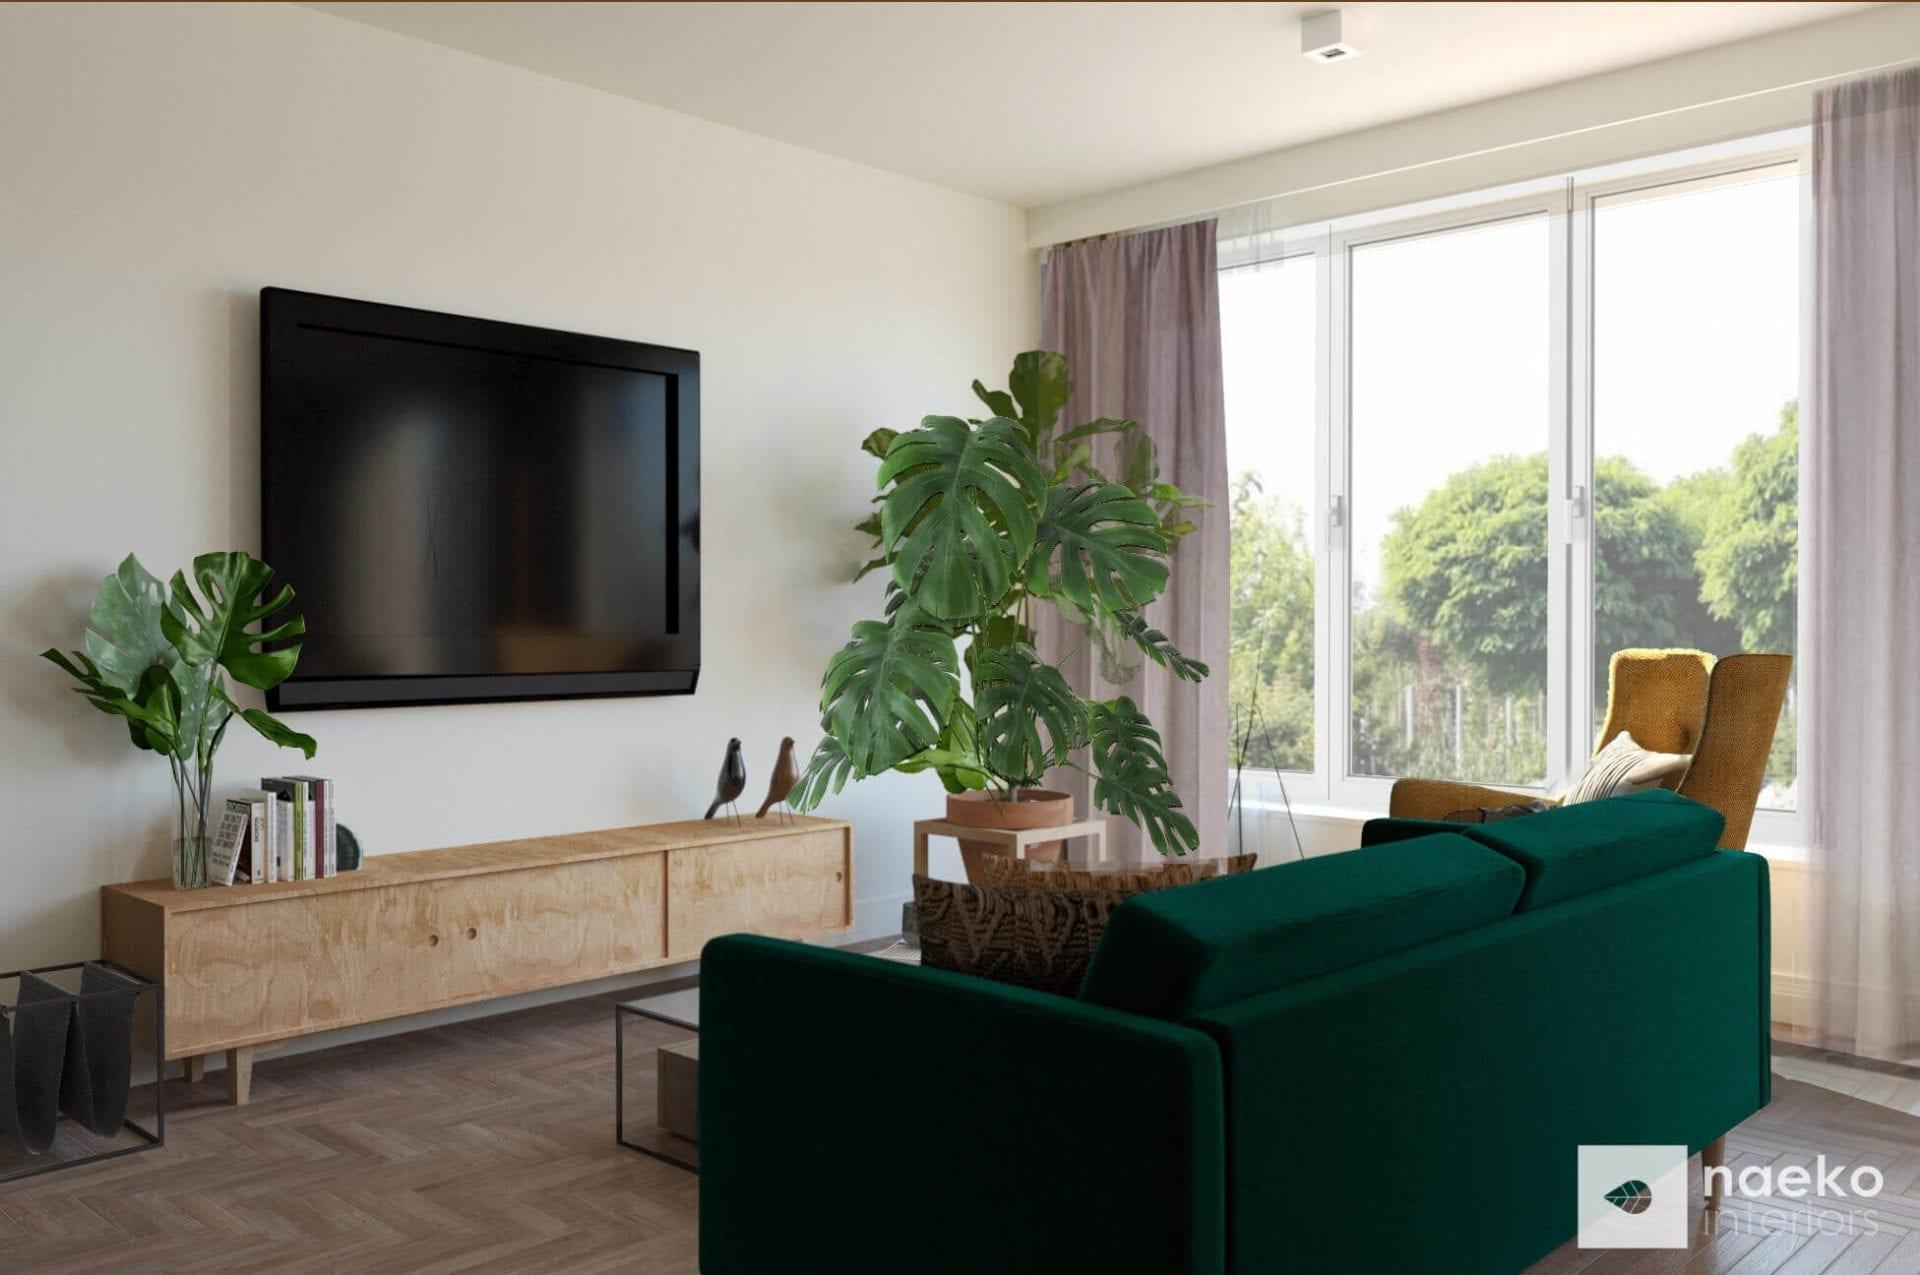 Projekt wnętrz strefy dziennej z sofą vintage w kolorze butelkowej zieleni, TV na ścianie i regałem RTV ze sklejki oraz musztardowym fotelem vinatge